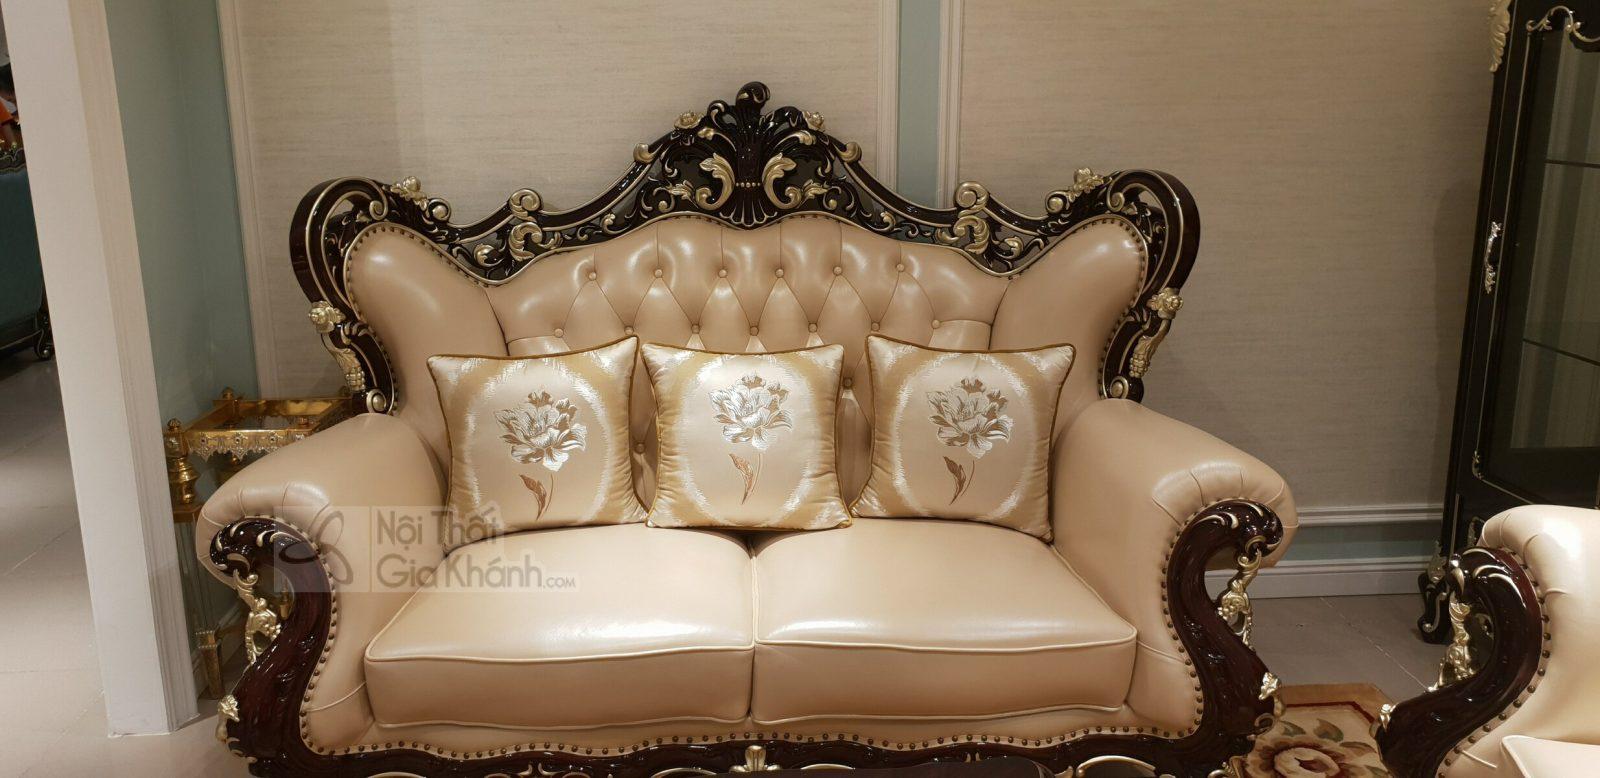 sofa TCD G921SF 1 - Sofa tân cổ điển da phong cách Pháp sang trọng G921SF